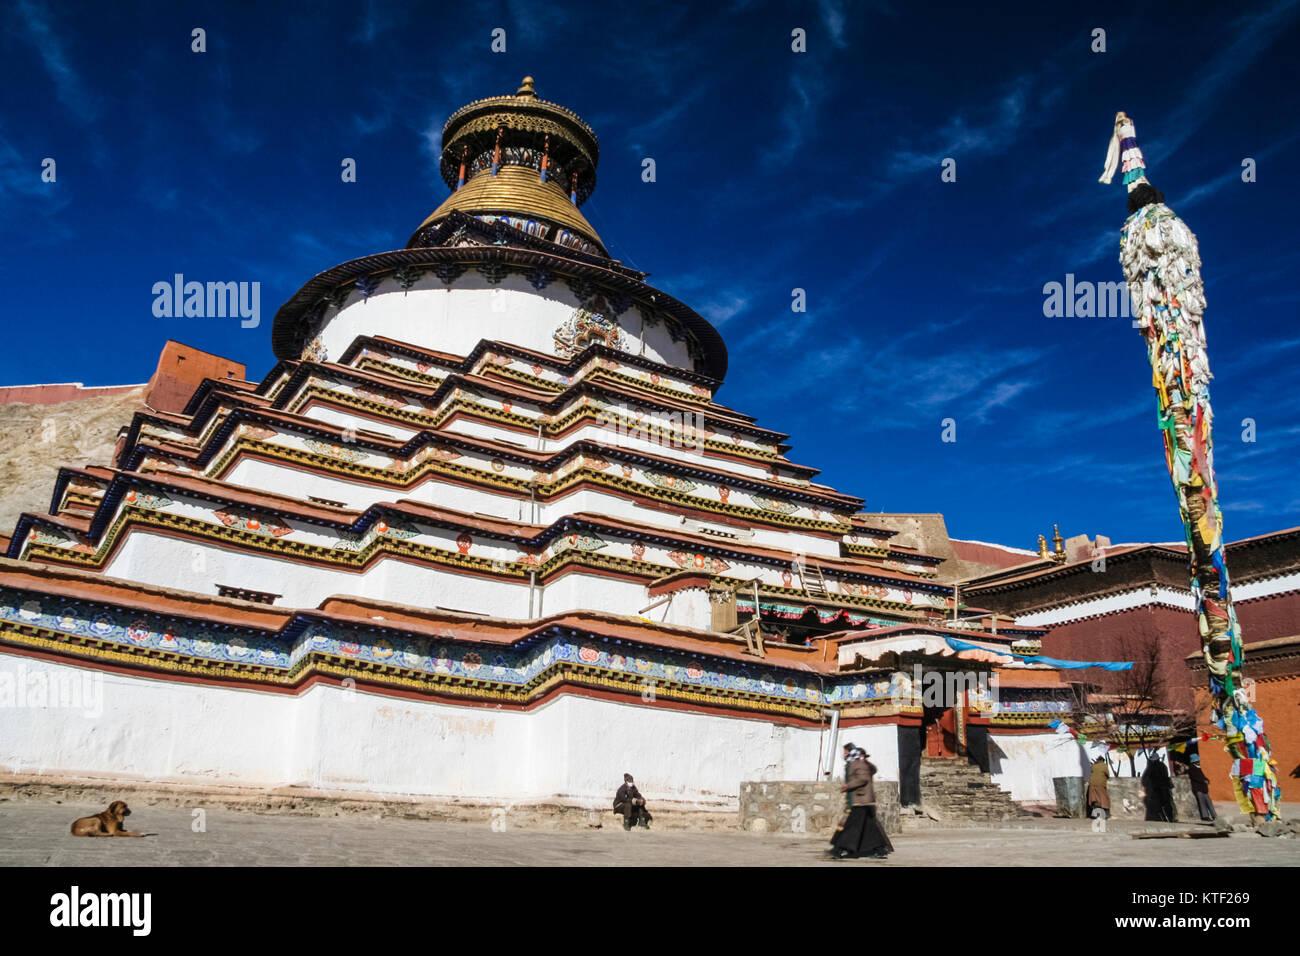 Kumbum chorten at Pelkor Chode Monastery, Gyantse, Tibet - Stock Image